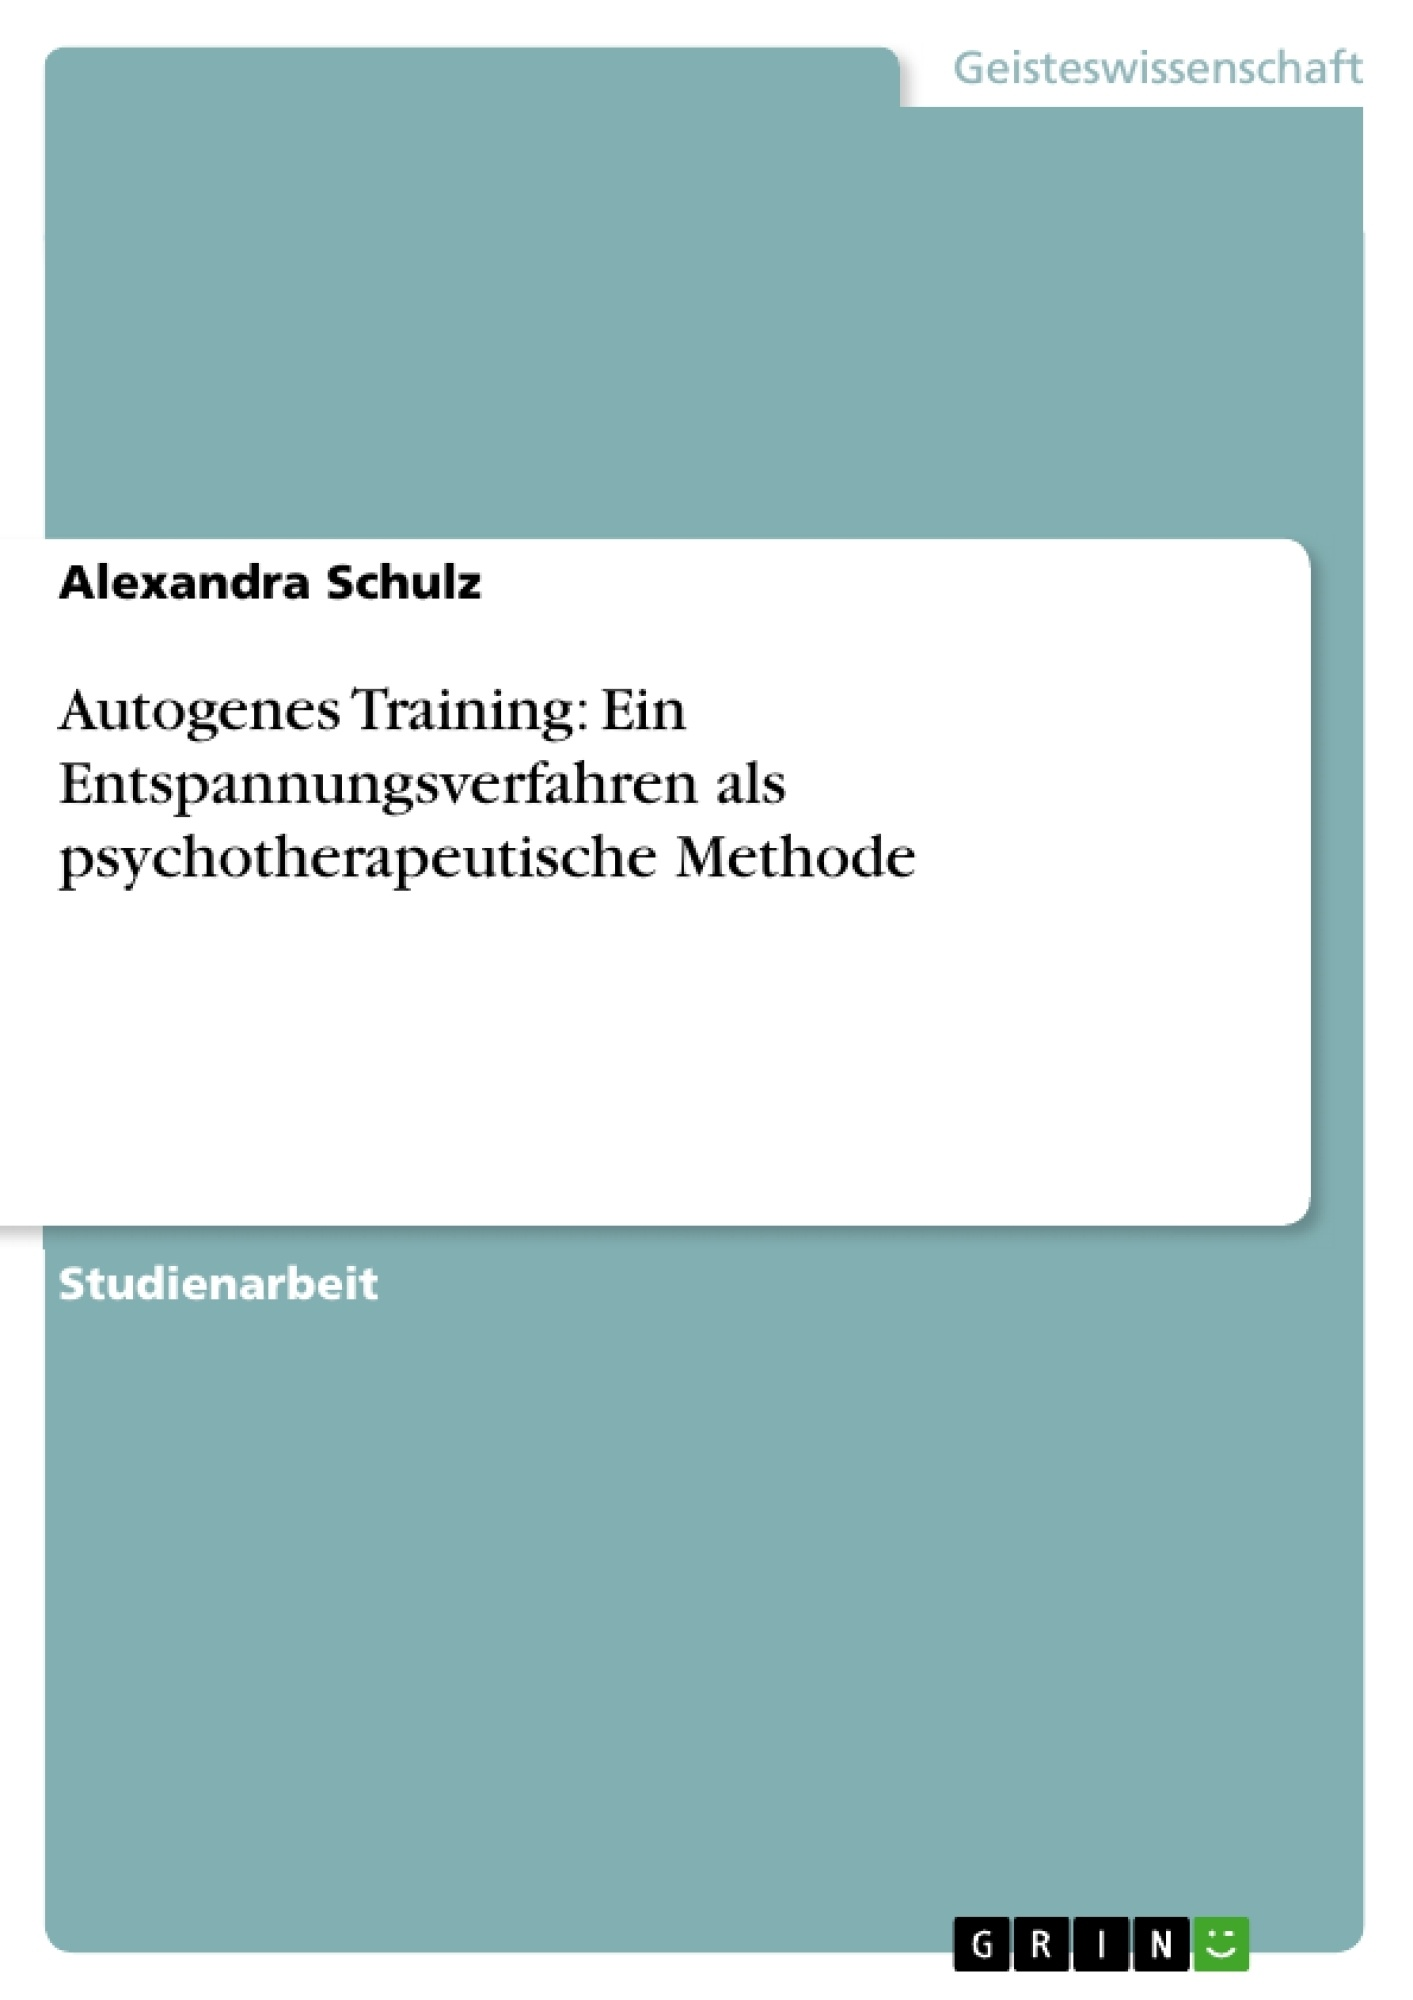 Titel: Autogenes Training: Ein Entspannungsverfahren als psychotherapeutische Methode